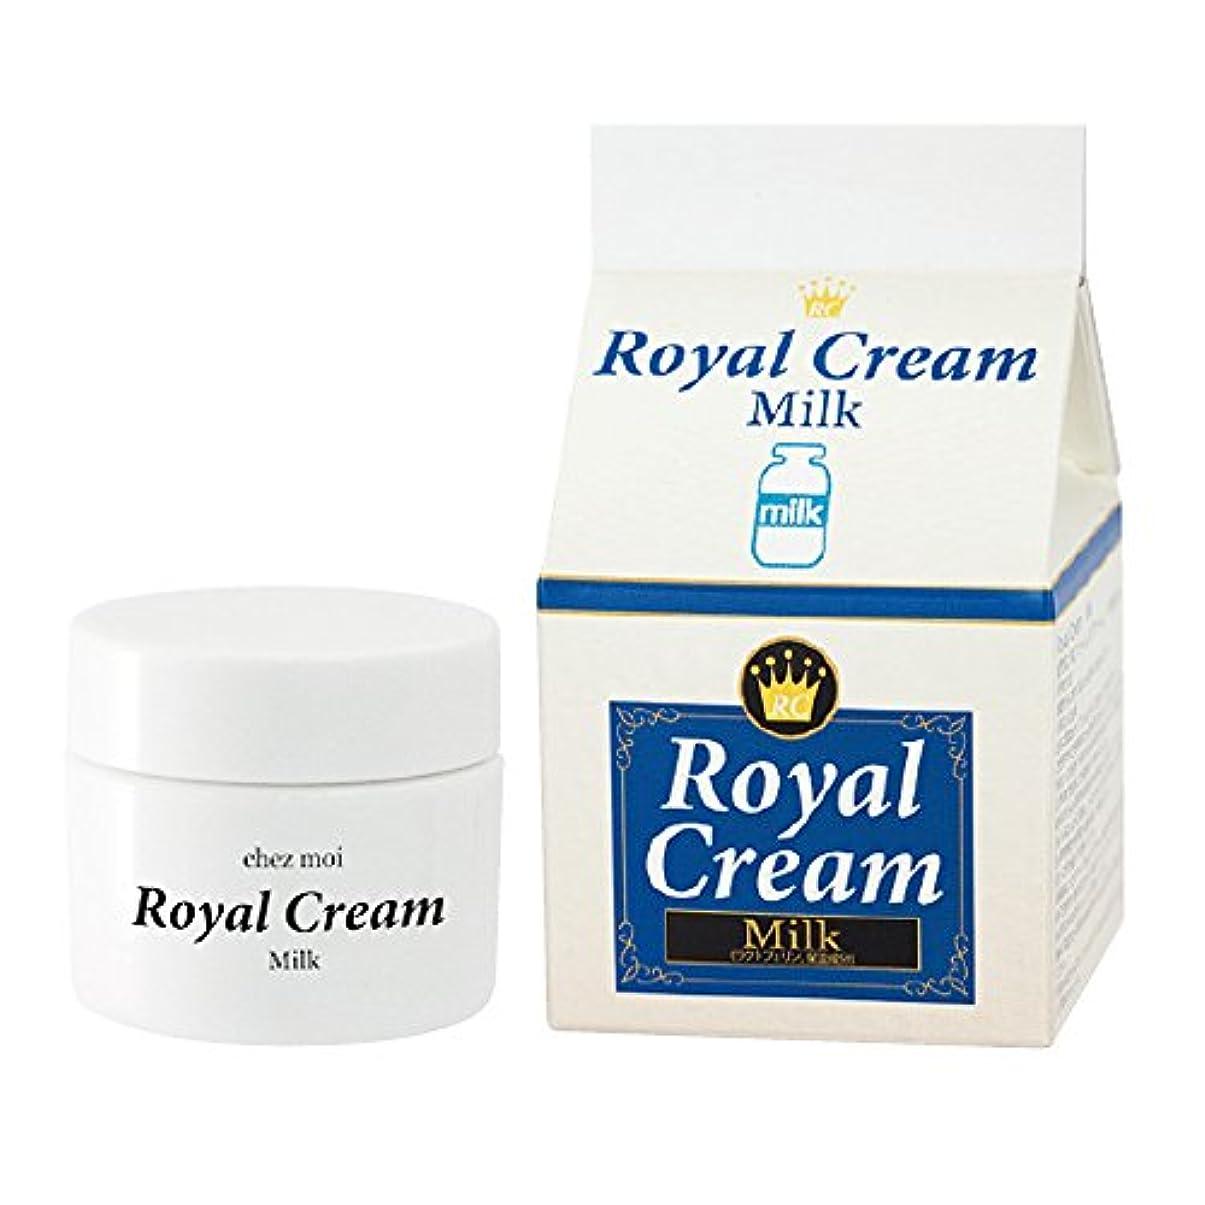 安全な担保信念Royal Cream(ロイヤルクリーム) Milk(ミルク) 30g